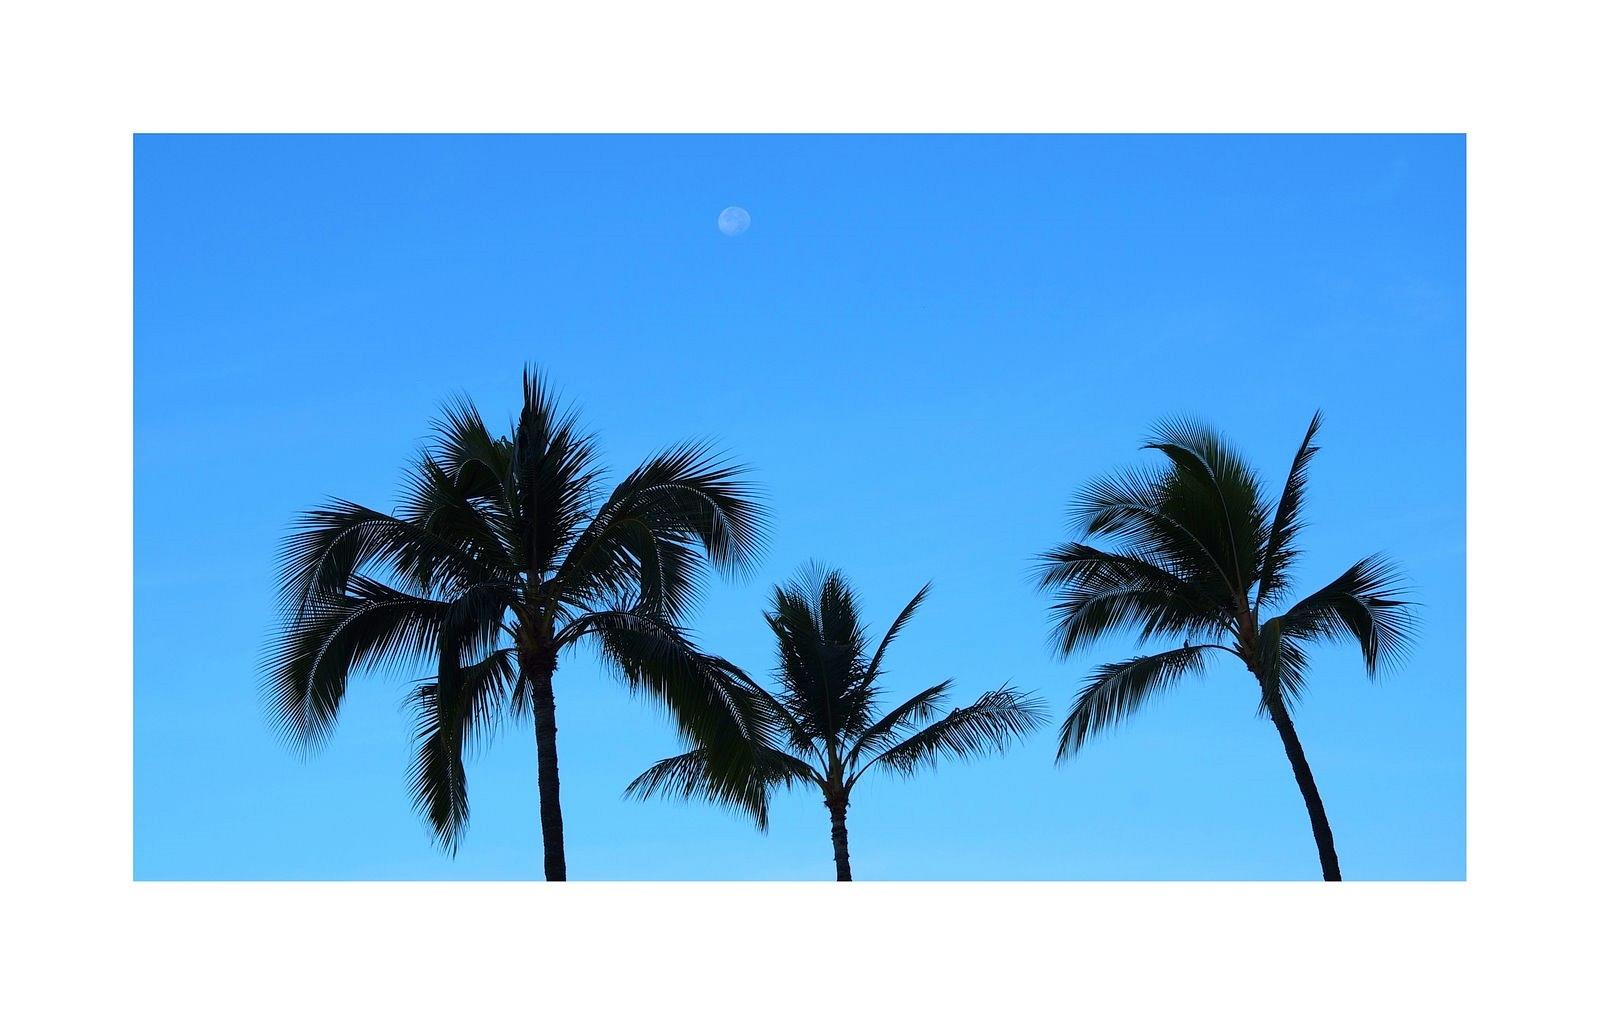 Morgens am Waikikibeach